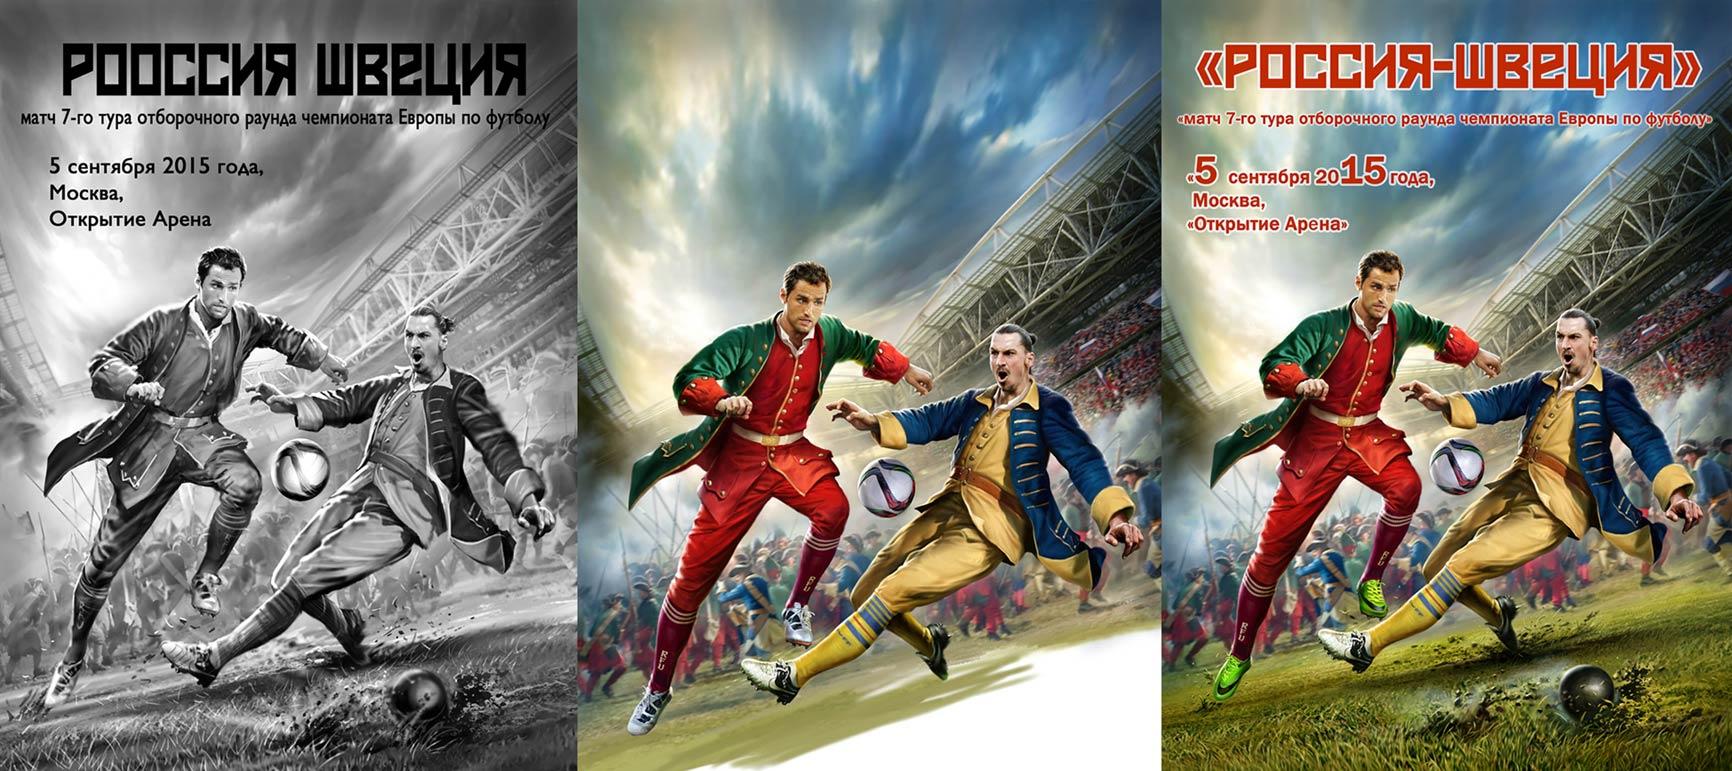 Обложка к матчу России-Швеция